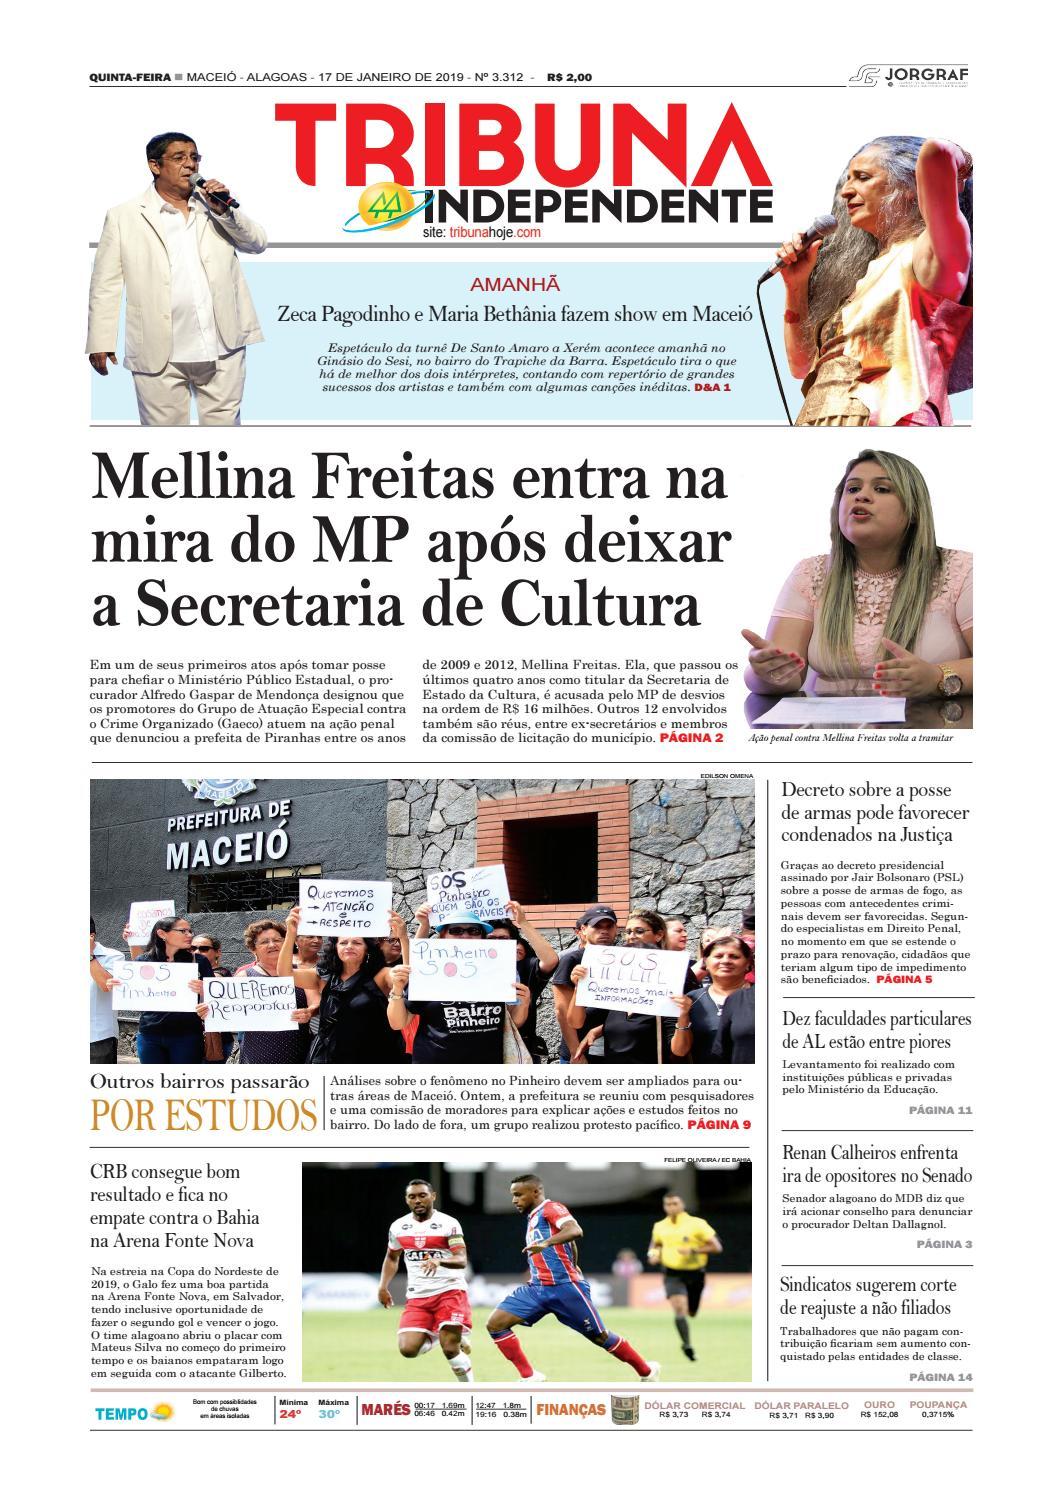 e87ef533b Edição número 3312 - 17 de janeiro de 2019 by Tribuna Hoje - issuu